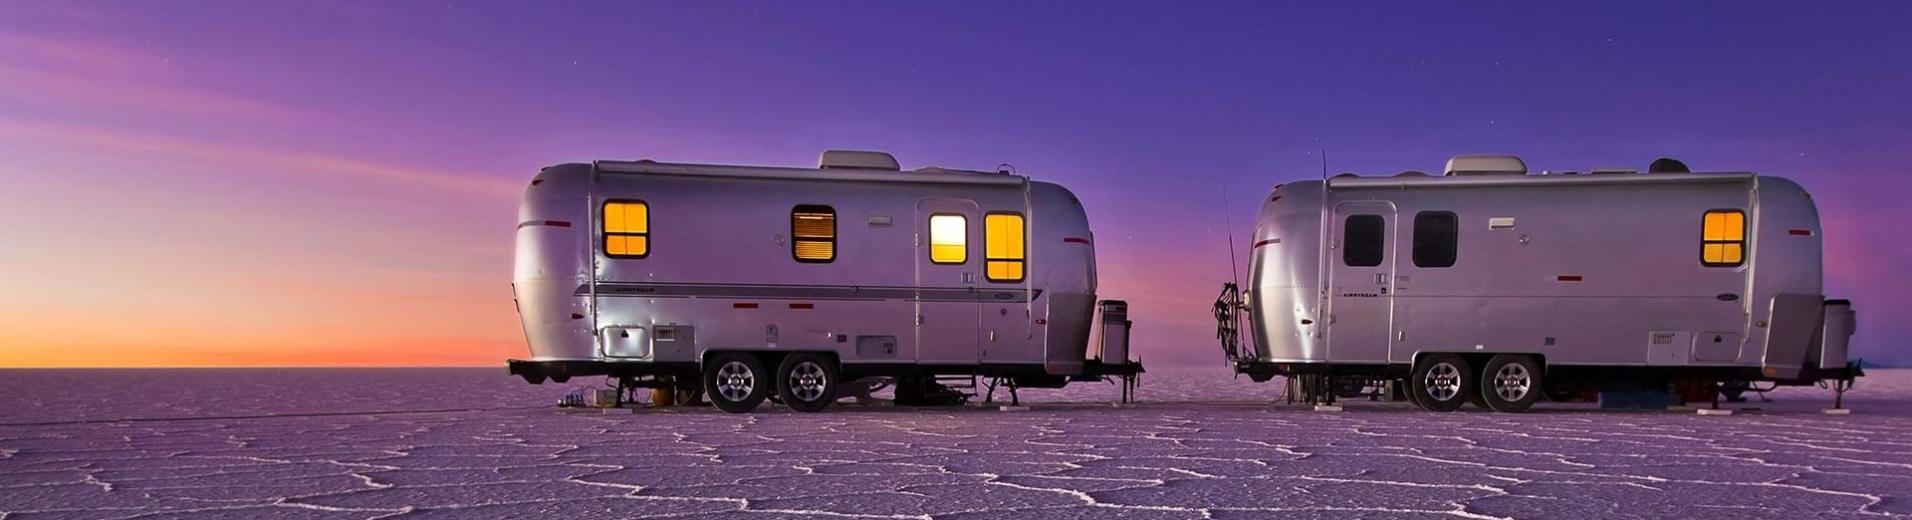 principal-Airstream-Camper-uyuni-crillon-1920x1080-2